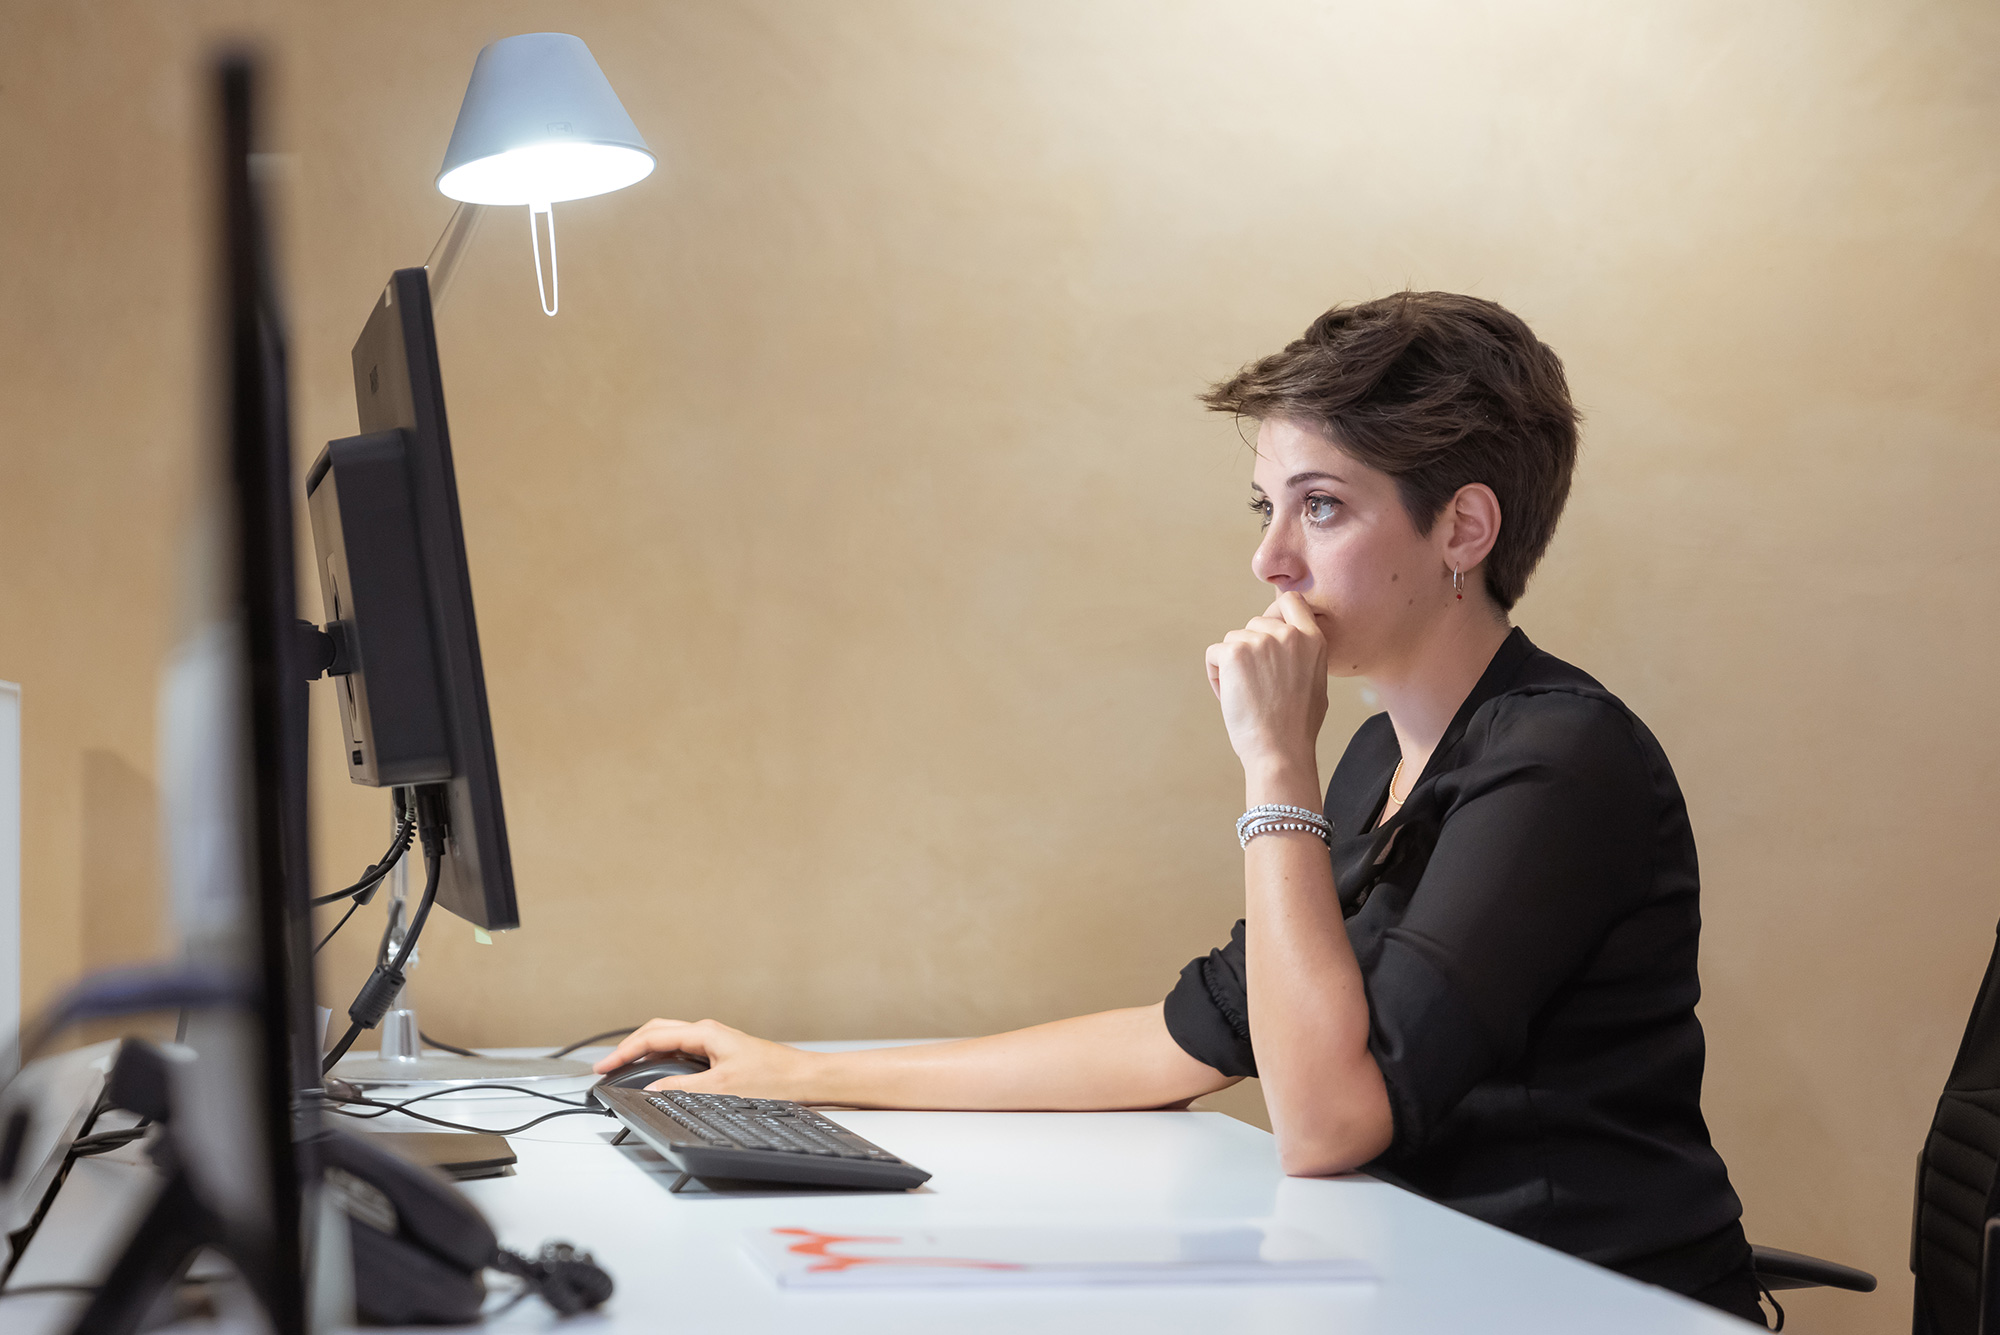 Architetto Sara Galeazzi, Binini Partners , Società di architettura e ingegneria, Reggio Emilia, Italia